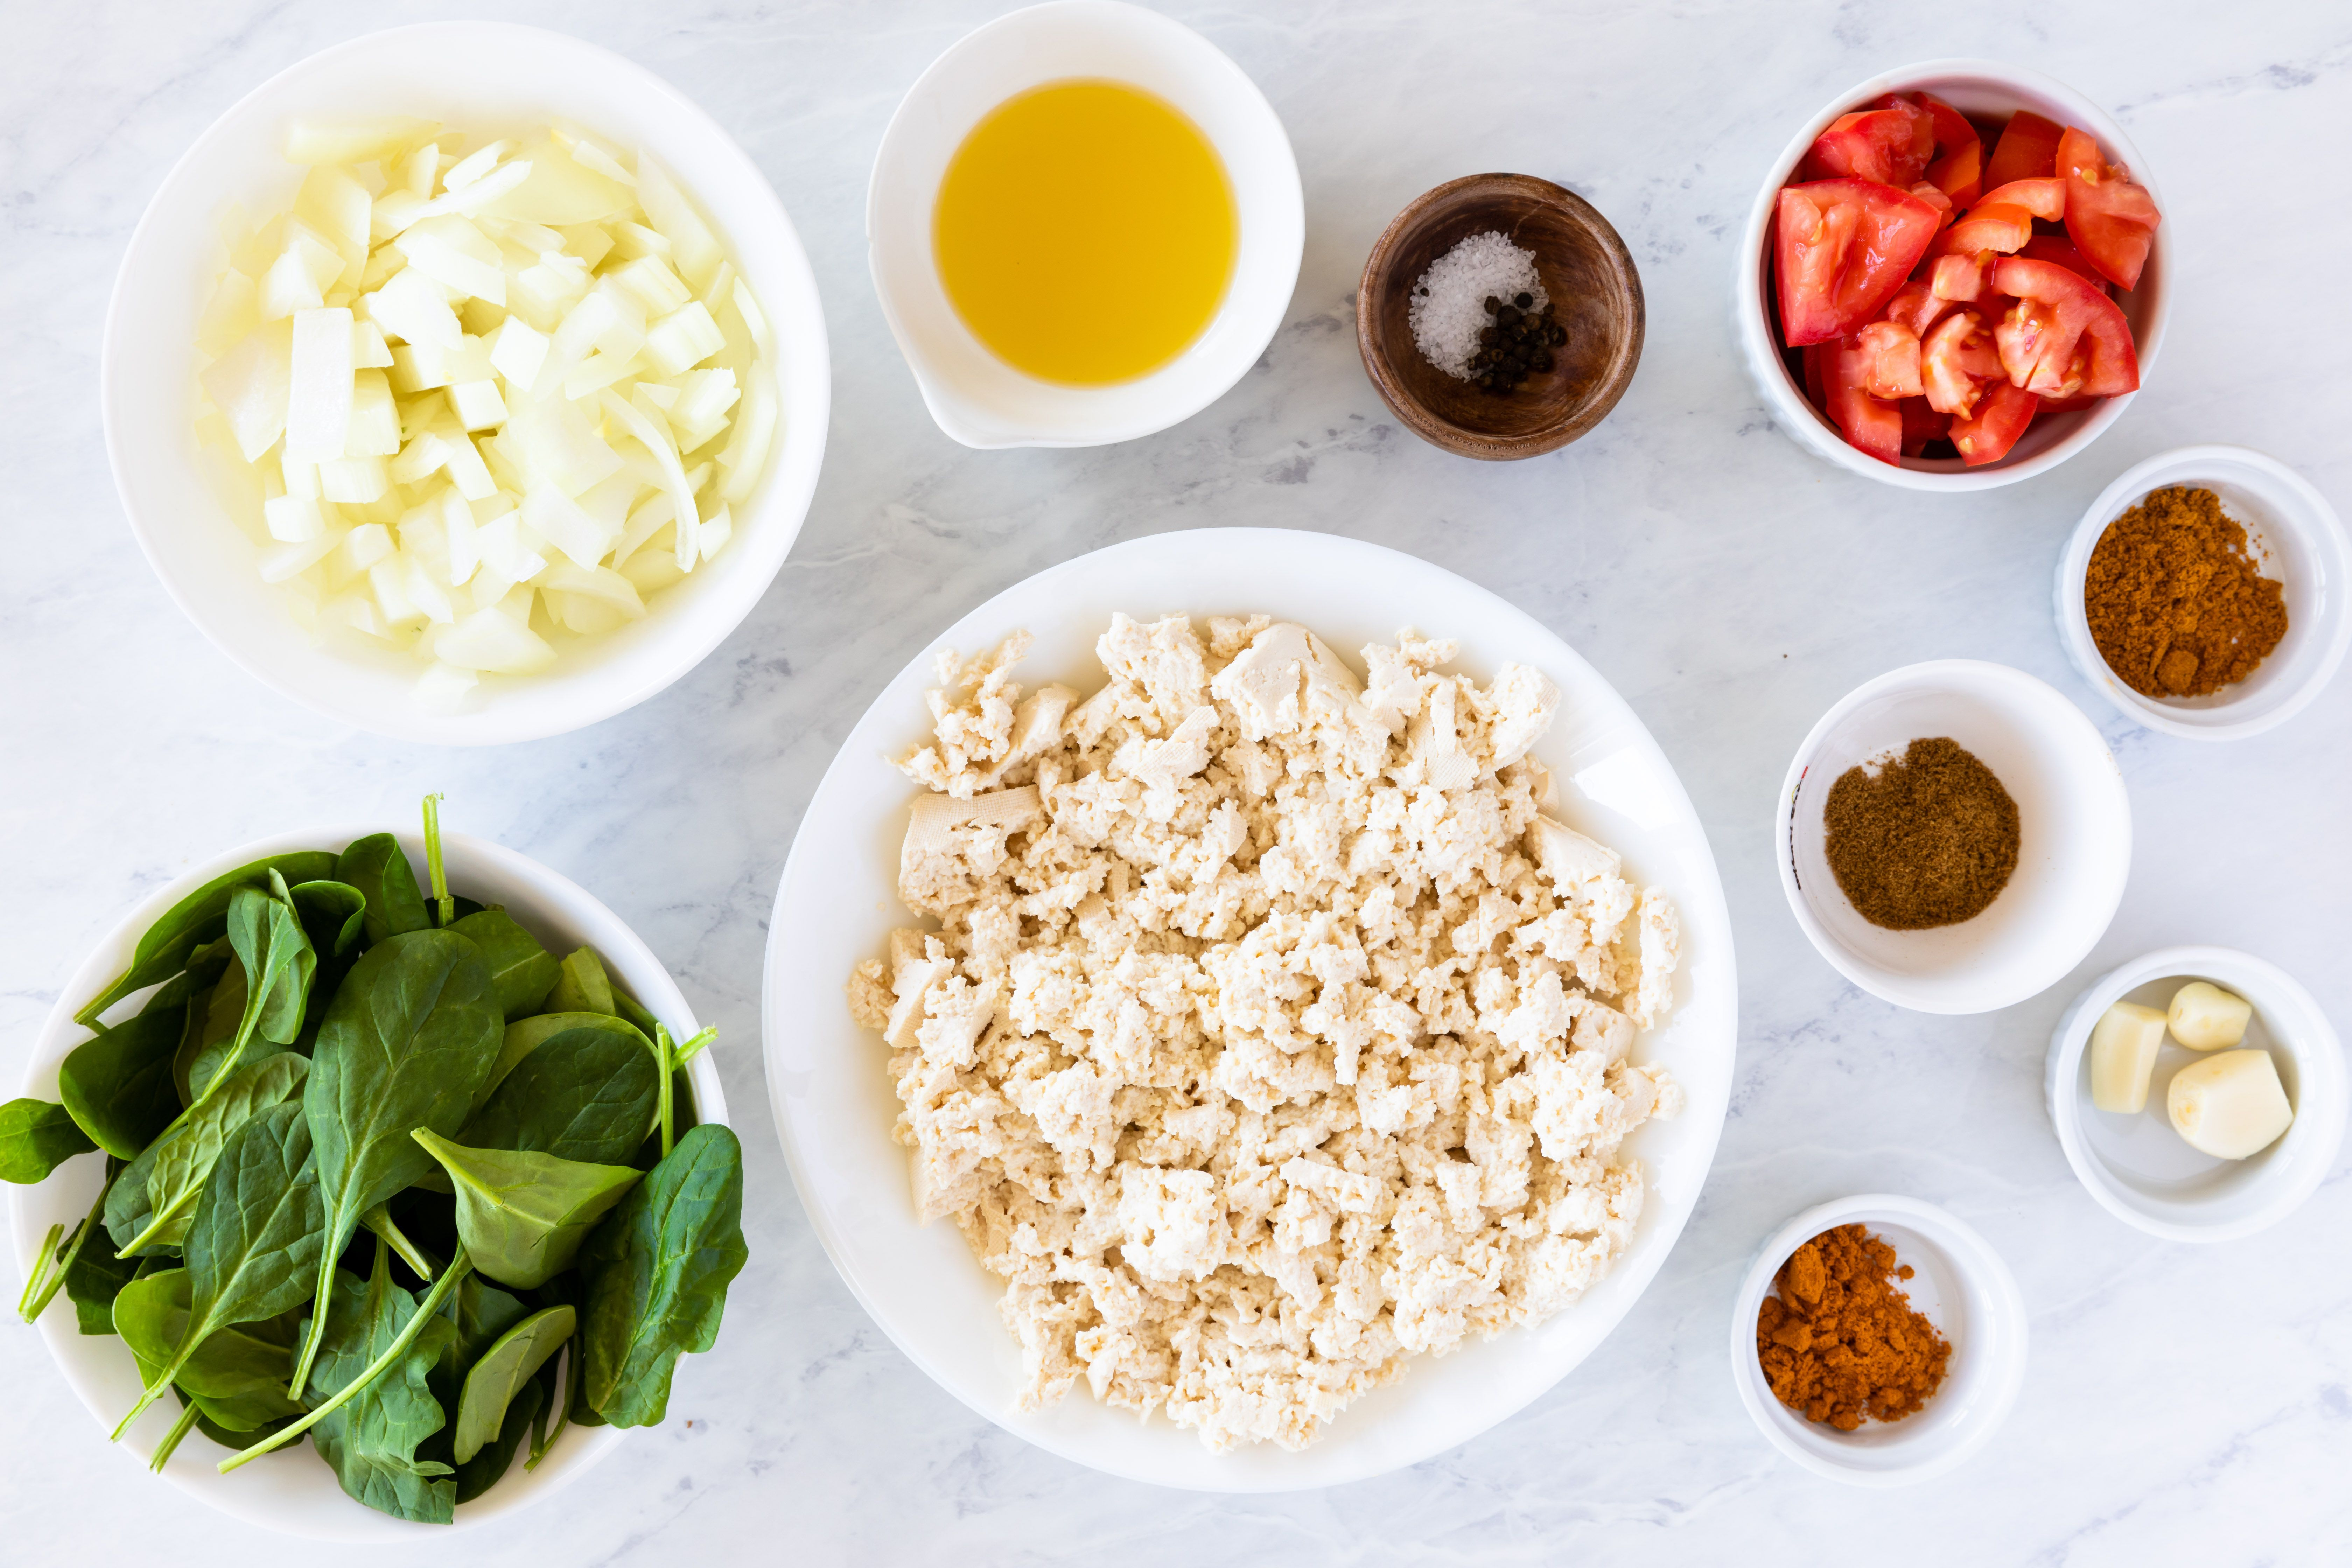 Ingredients for vegan tofu scramble